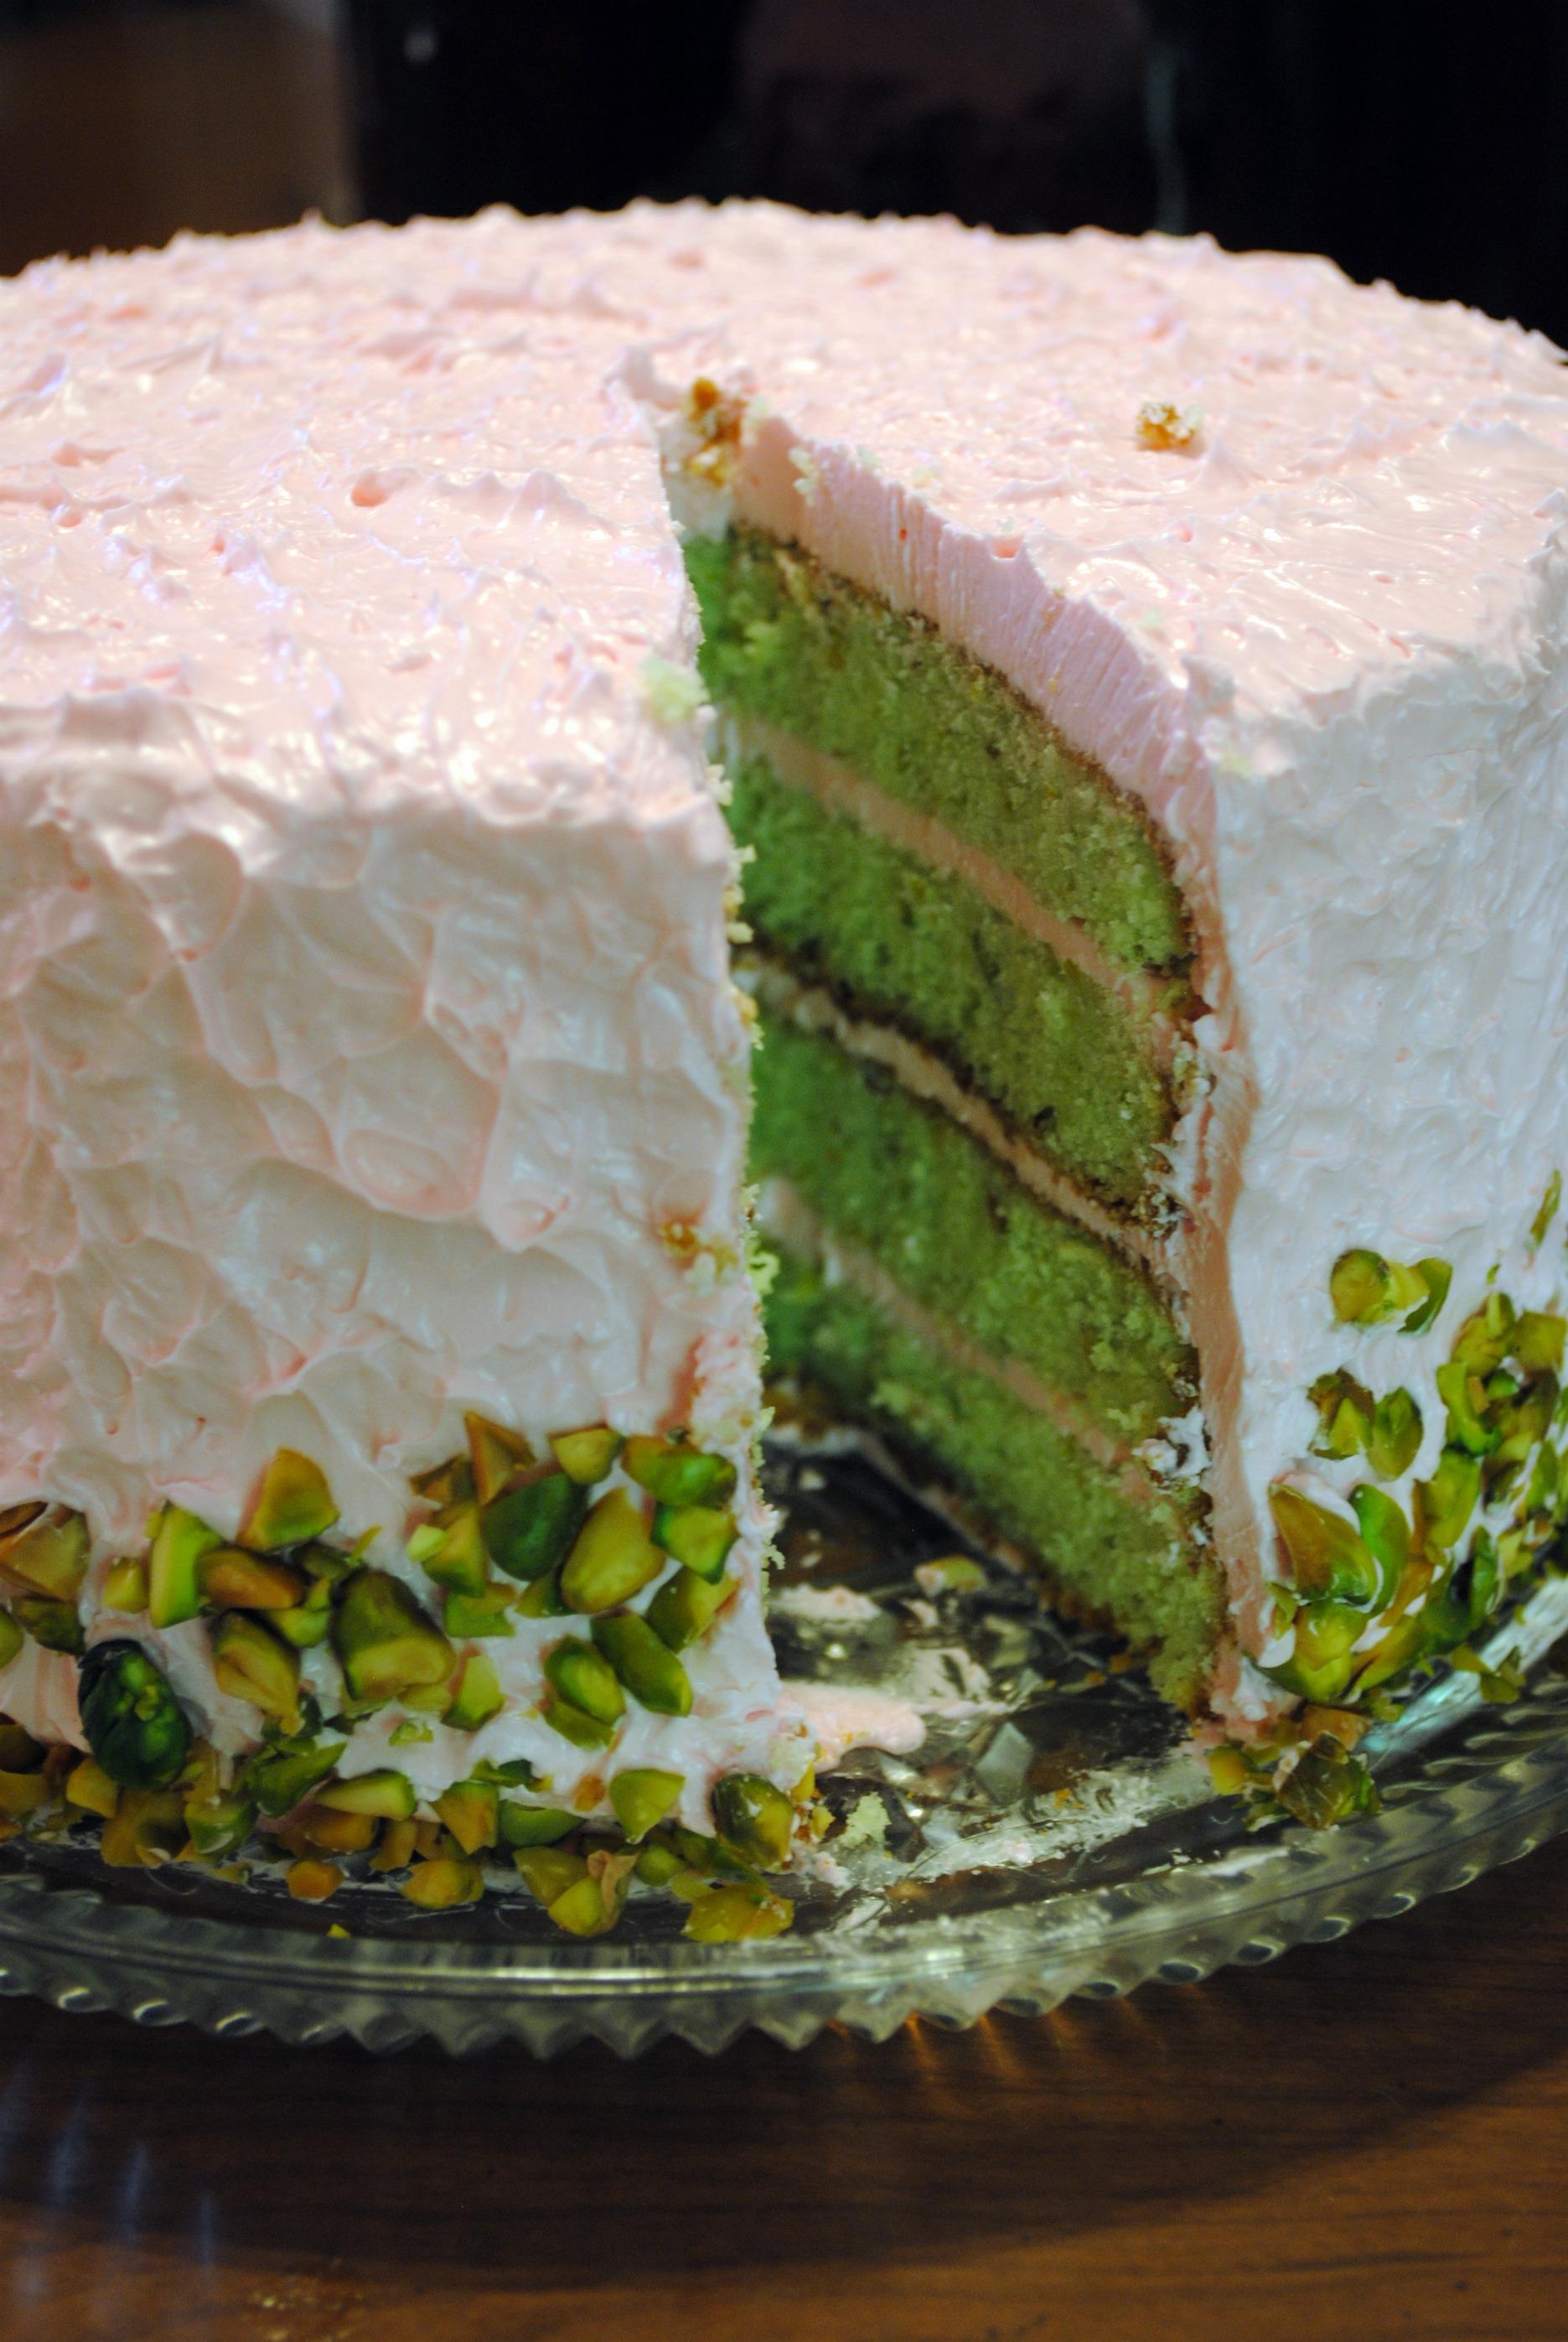 Homemade Pistachio Cake Recipes